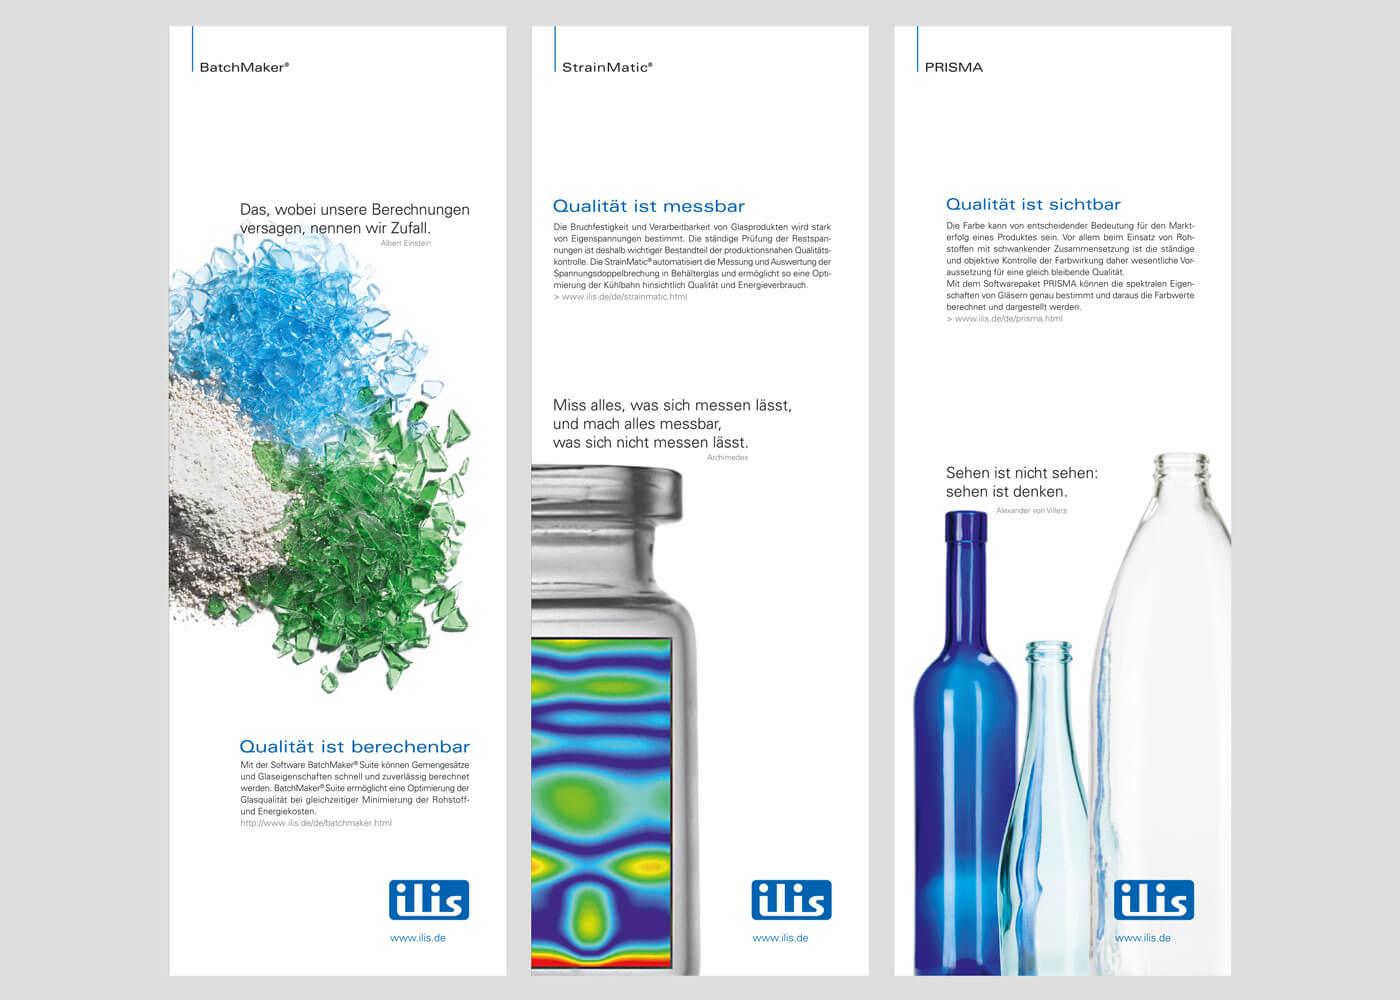 Ilis-Advertising-Imageanzeigen